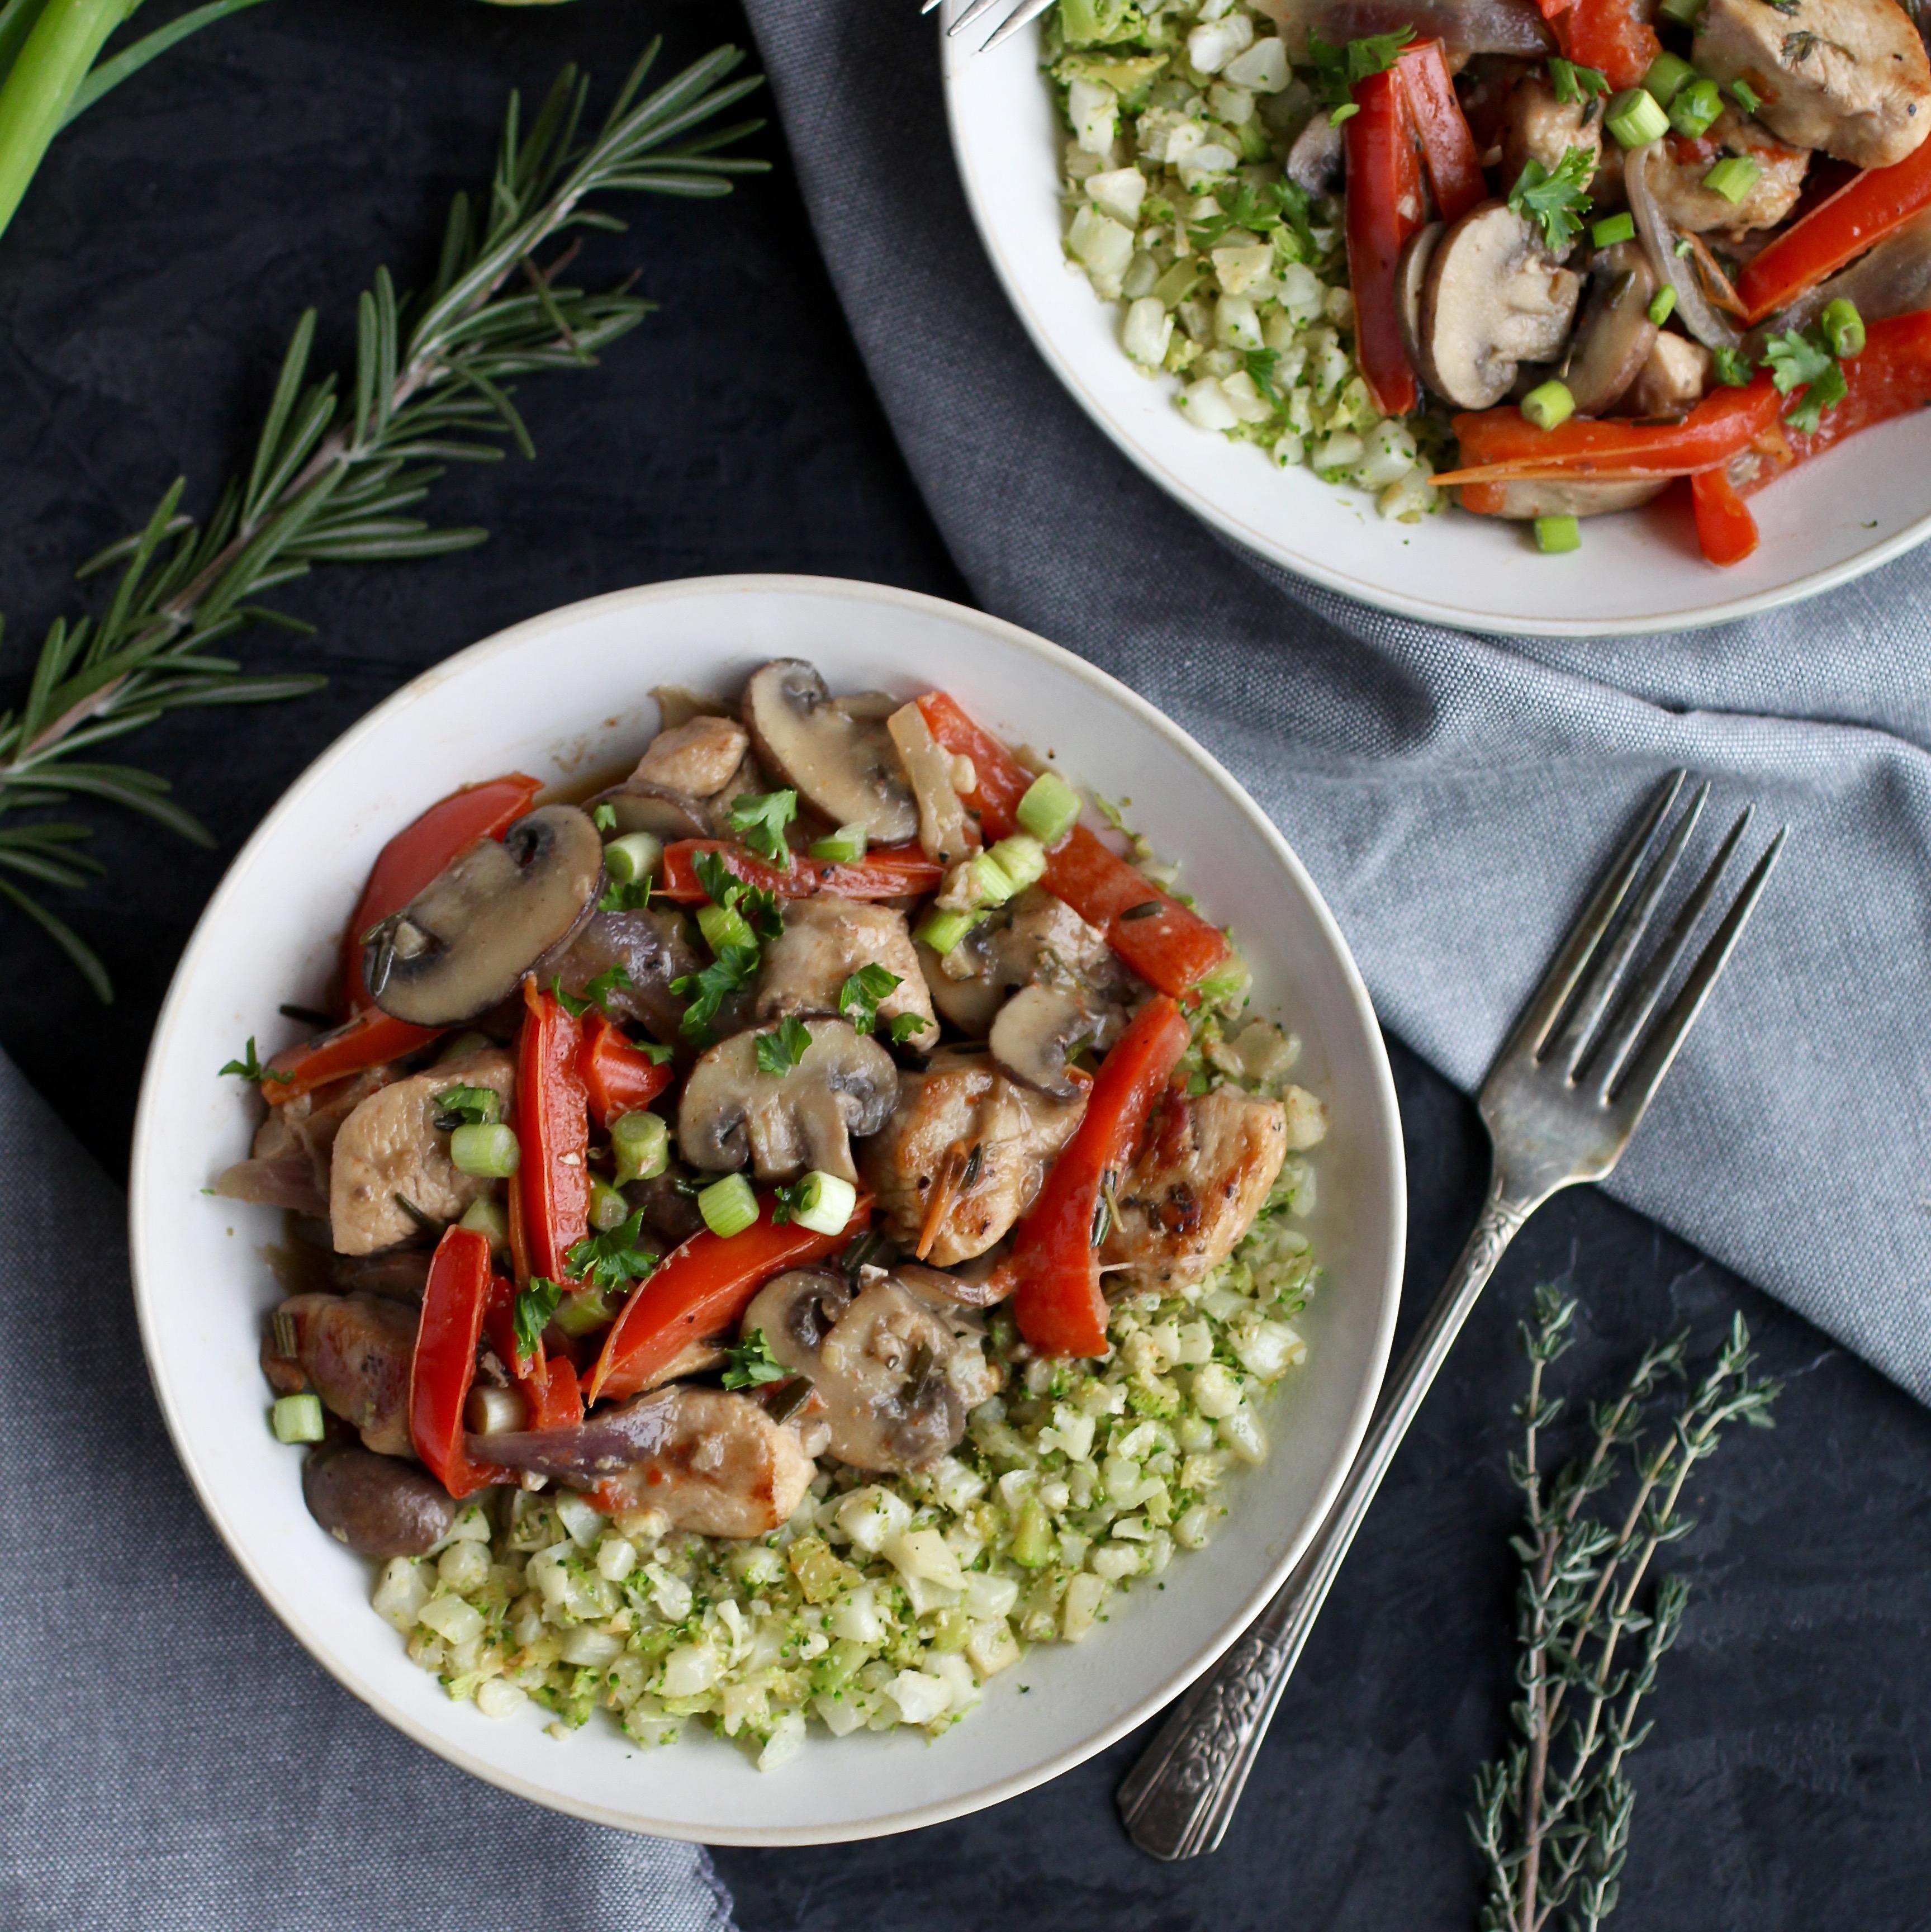 Herbed Garlic Chicken Skillet Served Over Cauliflower And Broccoli Riced Veggies